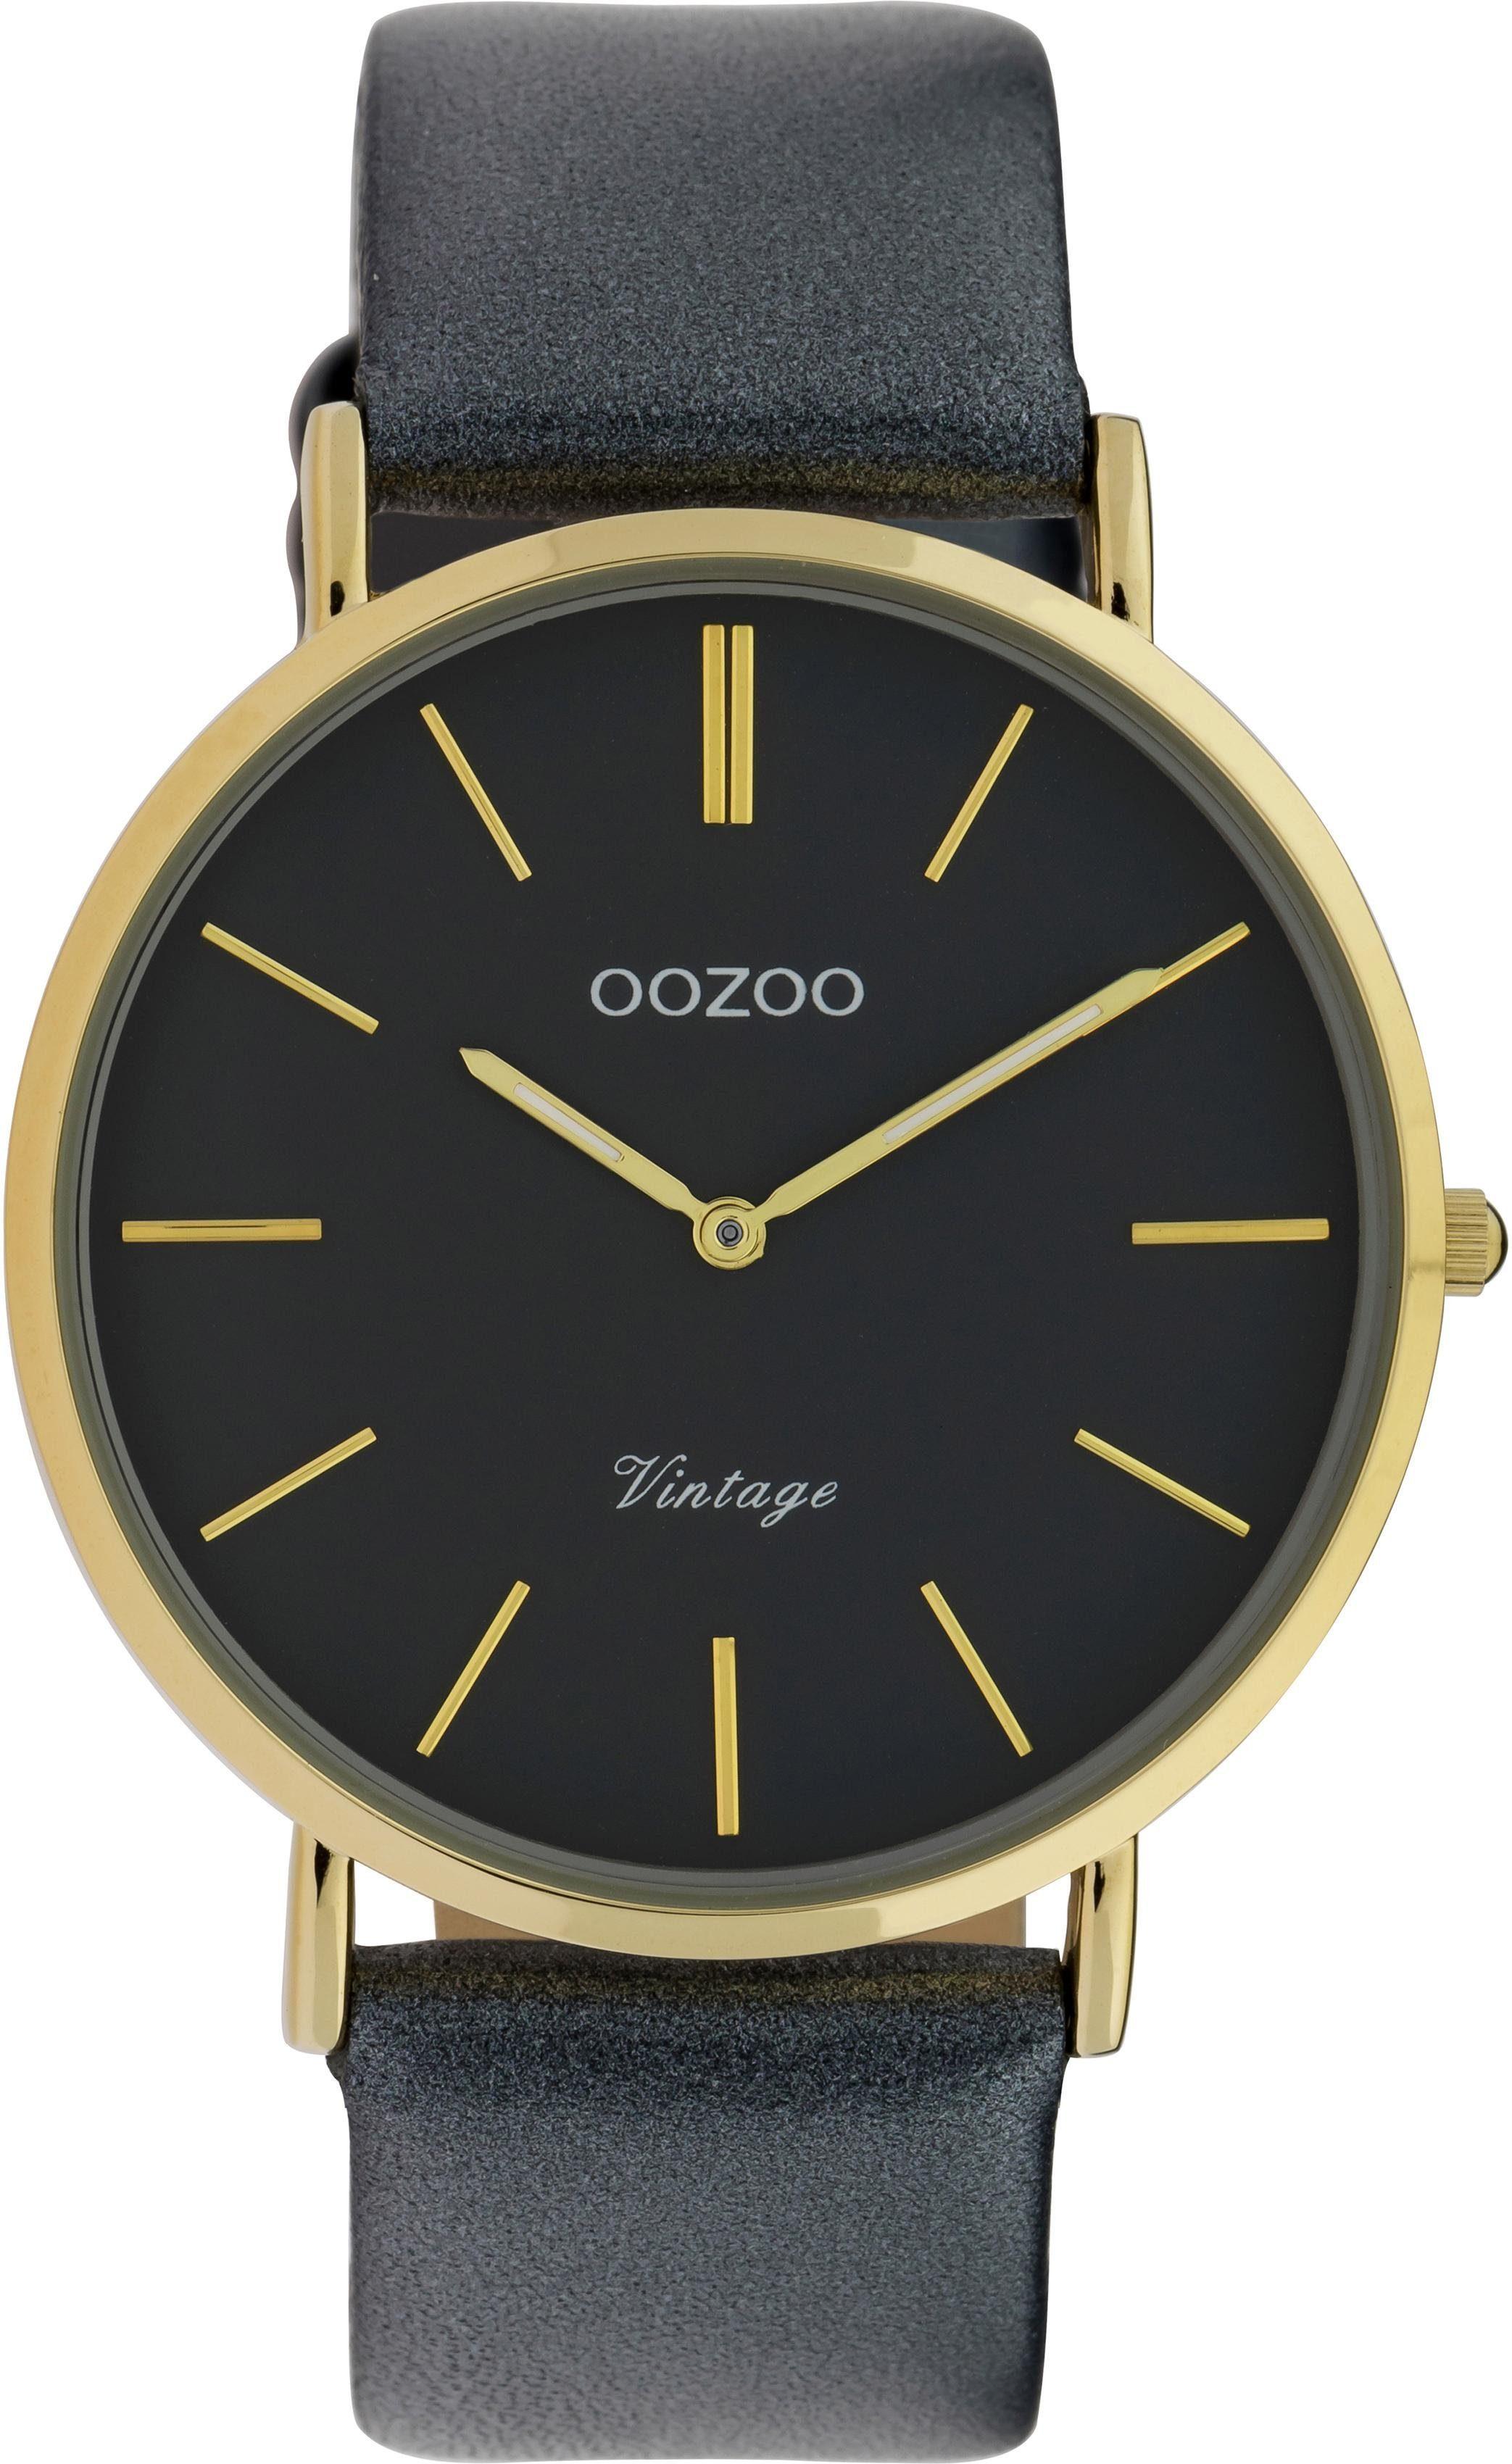 Online »c9964« KaufenOtto Quarzuhr Oozoo EW29IHeDY